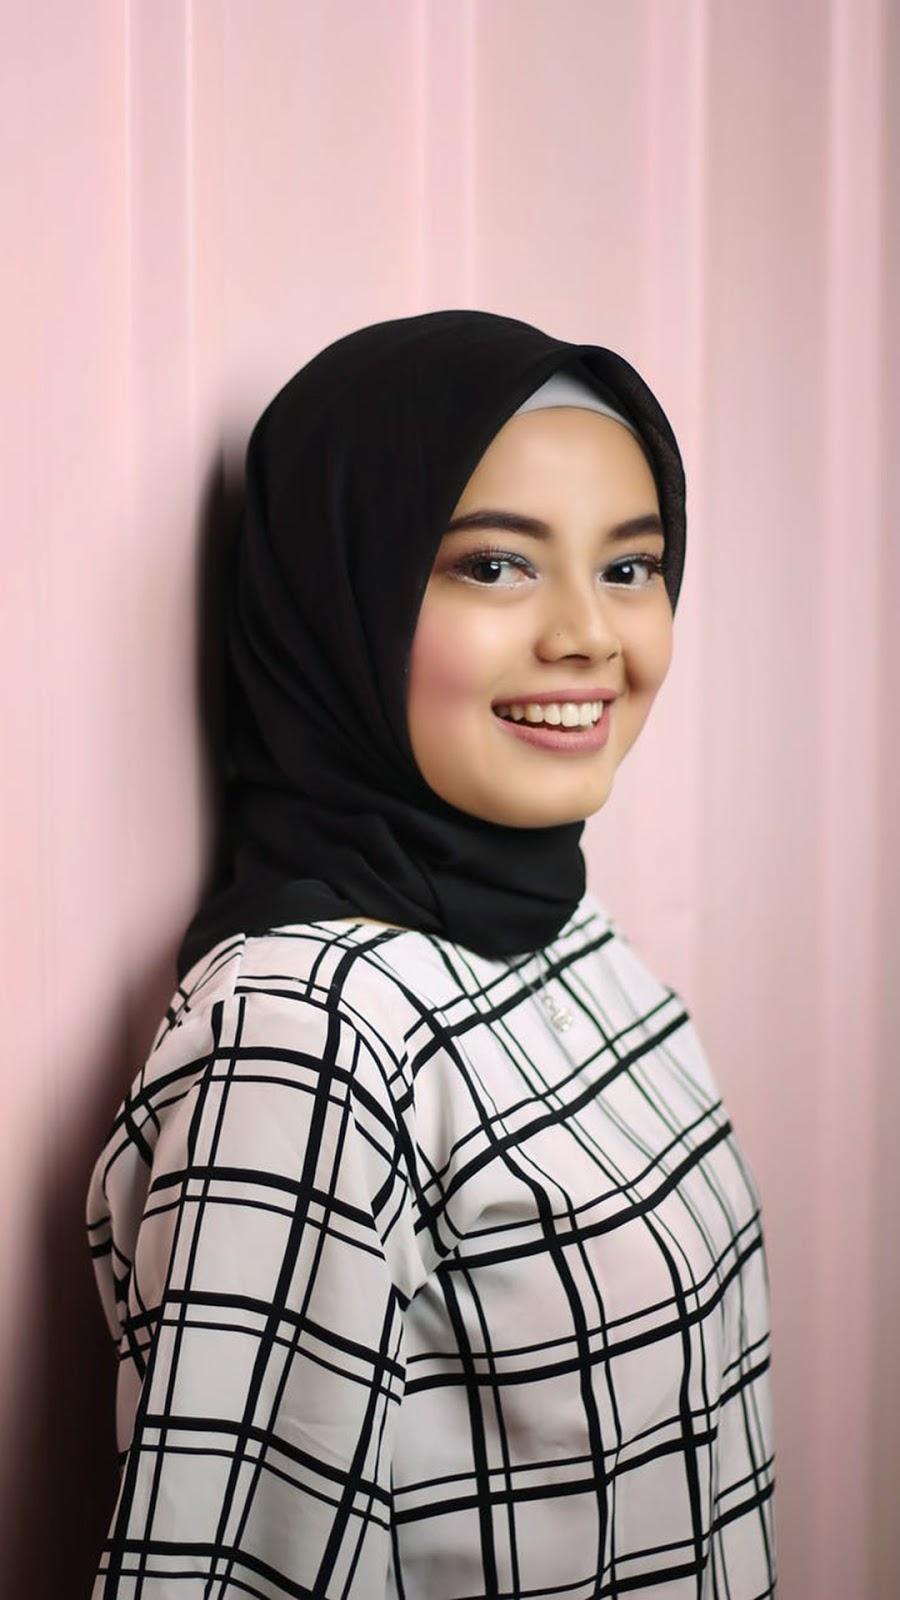 jilbab instan cewek manis dan imut sekali